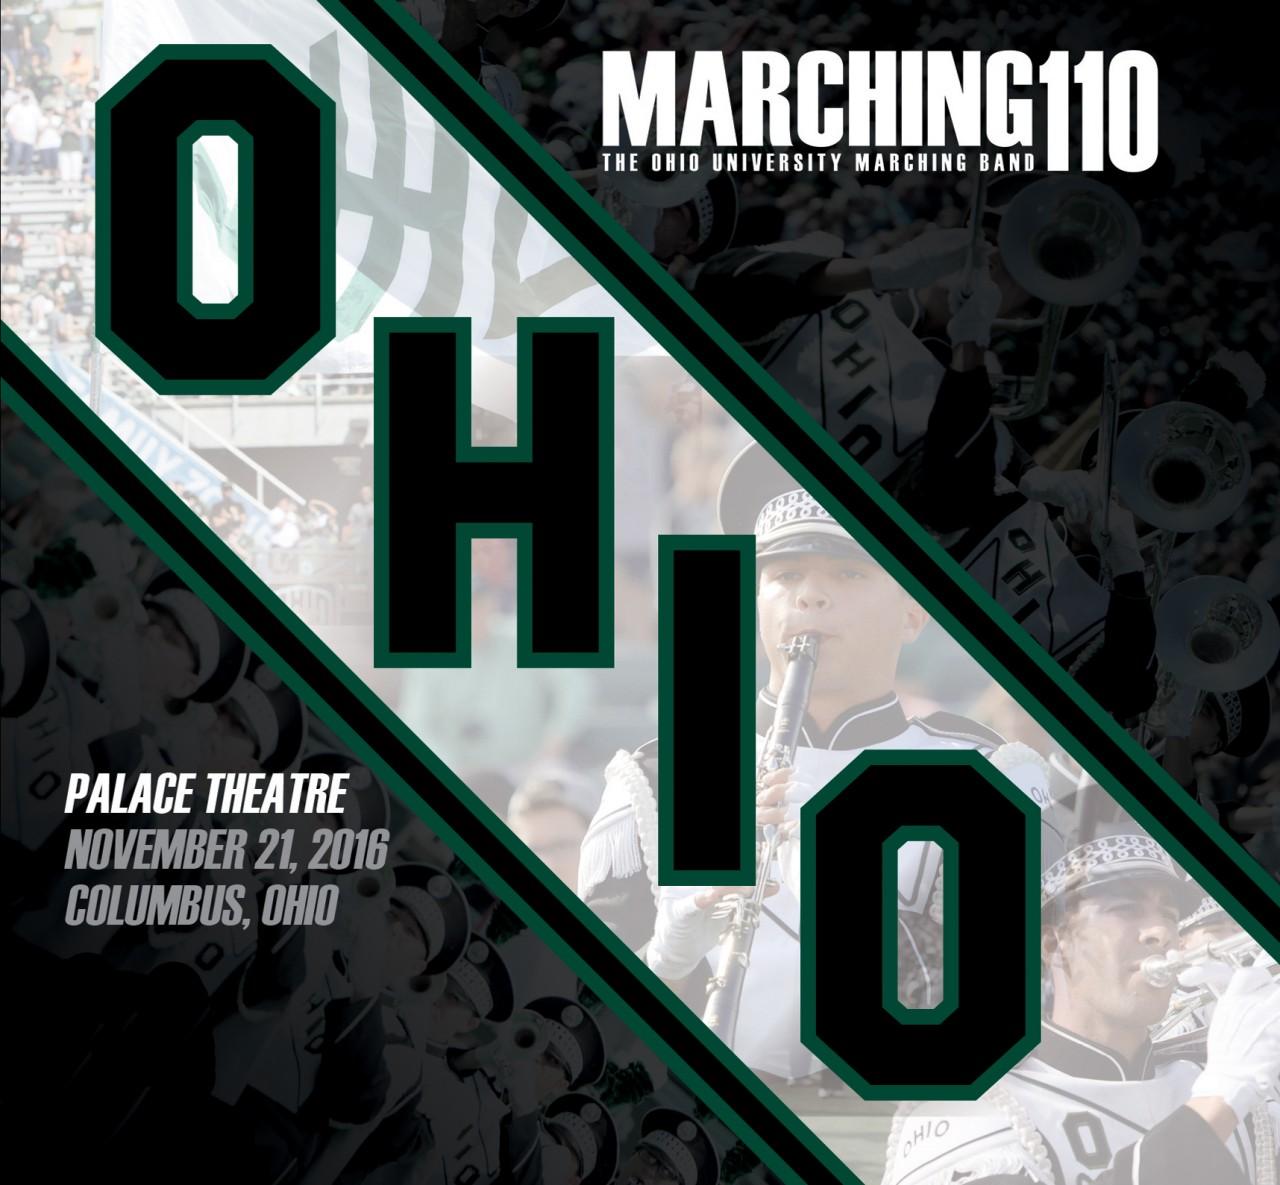 Ohio University Marching 110 Band CD 11-21-2016 - Soundwaves